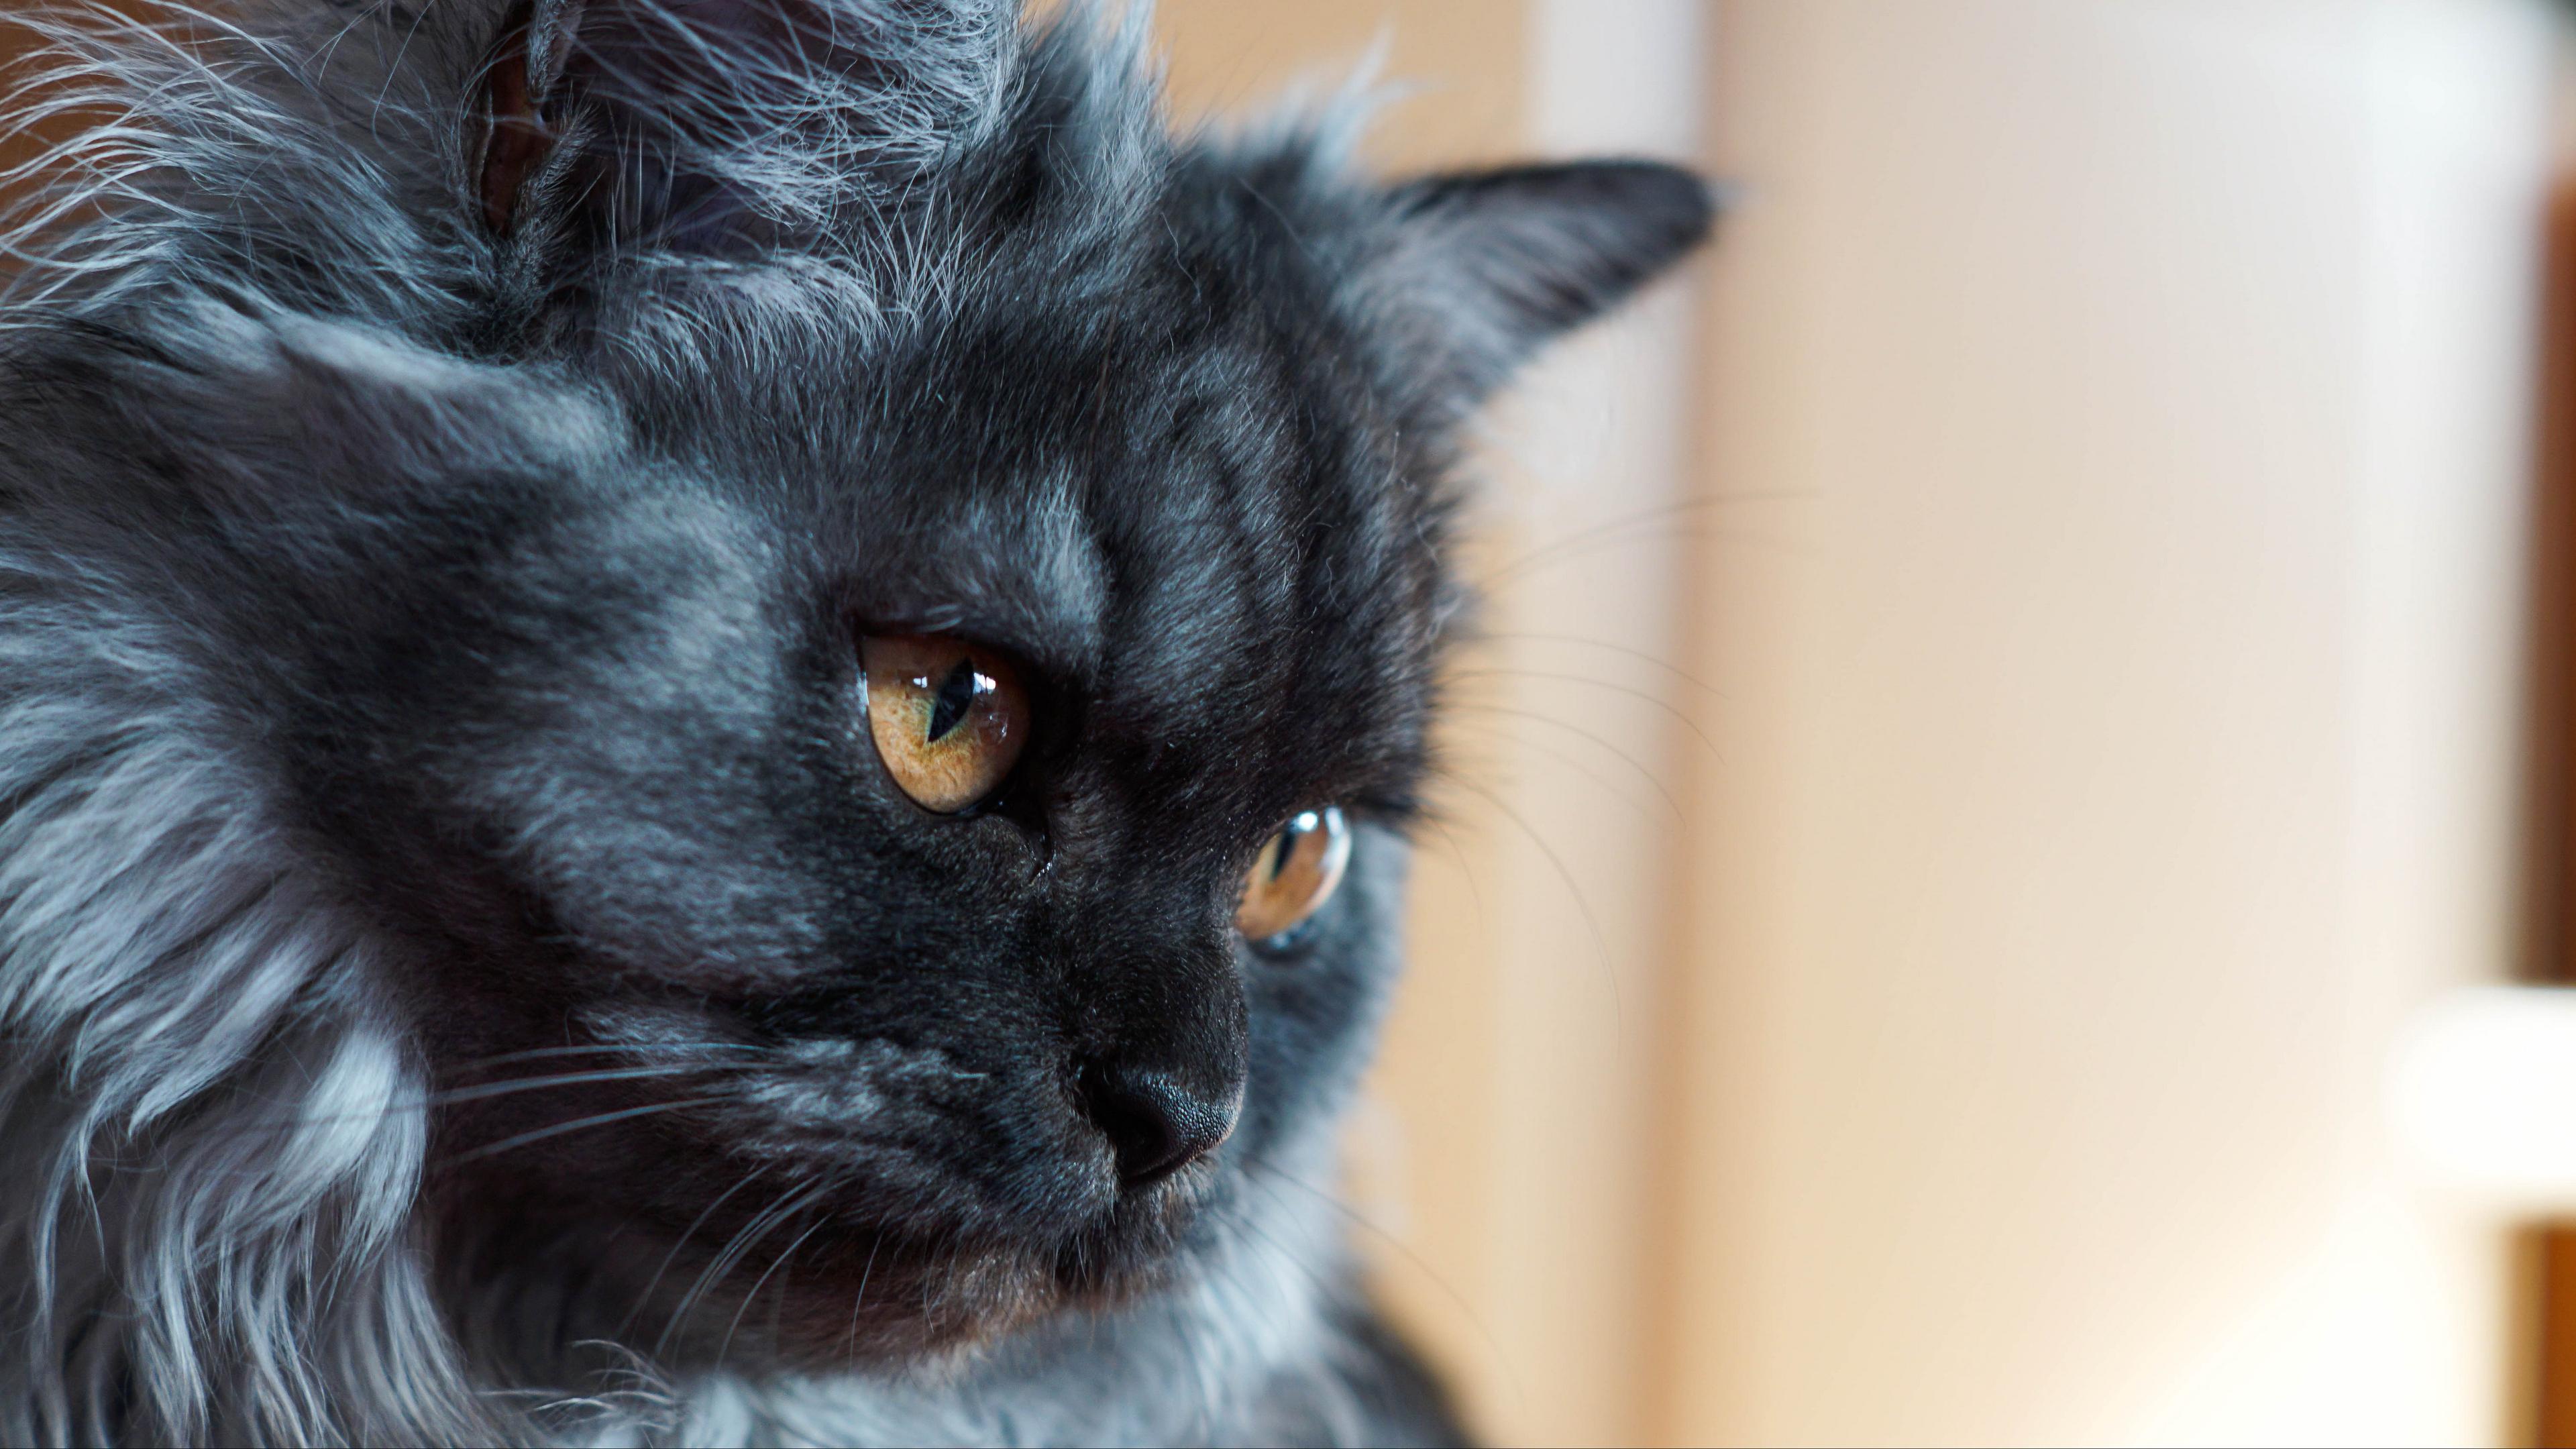 cat muzzle fluffy 4k 1542241536 - cat, muzzle, fluffy 4k - muzzle, fluffy, Cat